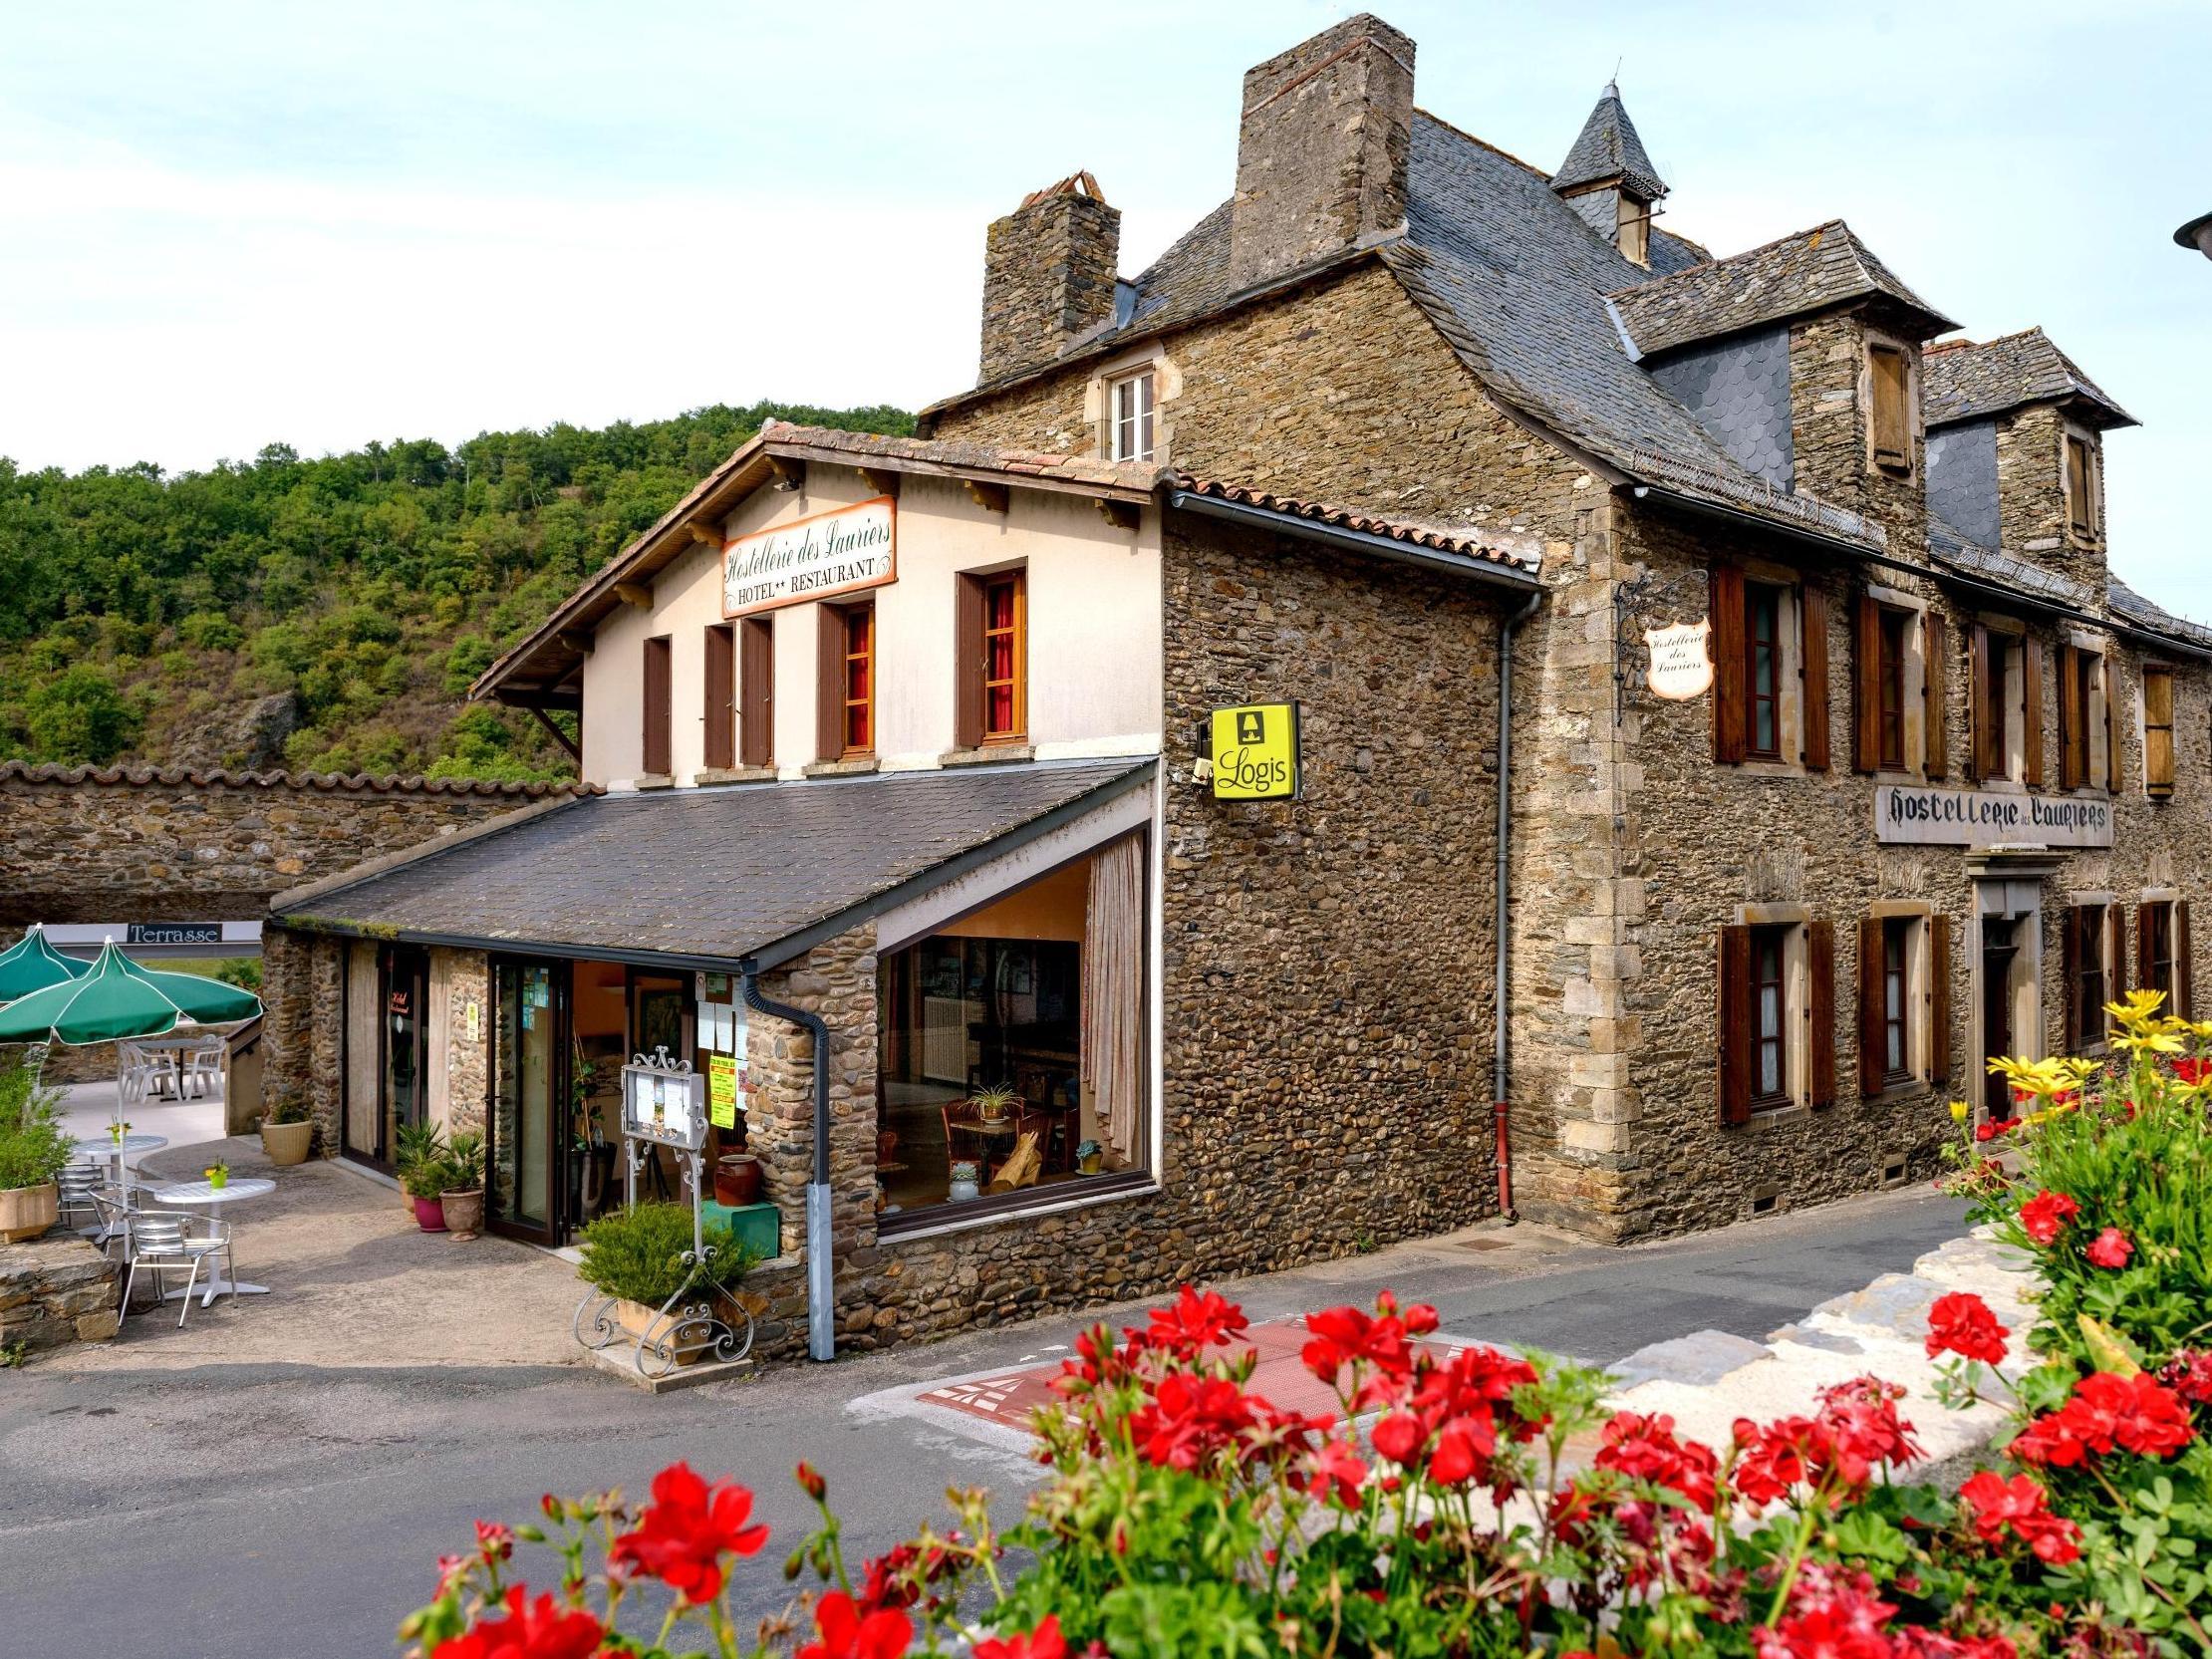 hostellerie-des-lauriers-facade-villeneuve-sur-tarn-144648